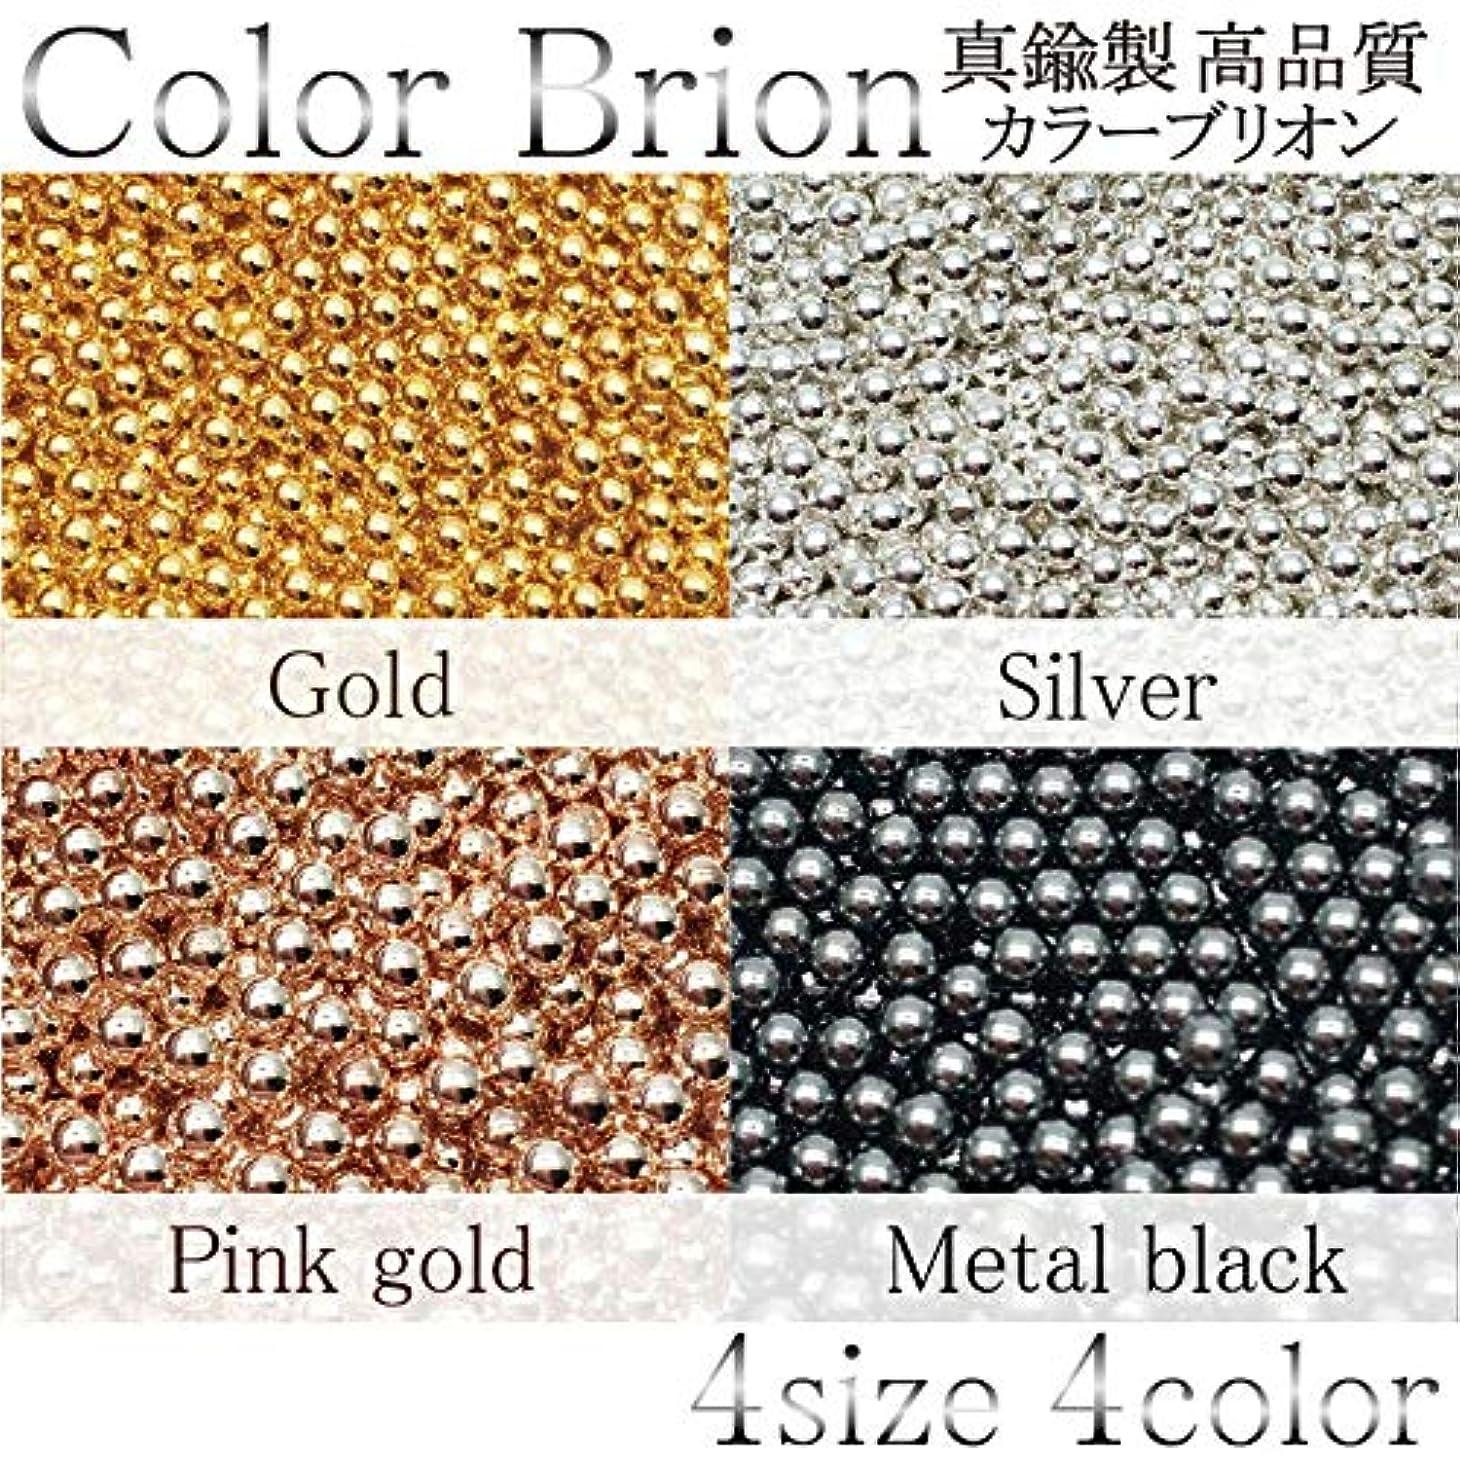 把握シャトル細分化する真鍮製 高品質 カラーブリオン 各種 4色 (約2mm(約5g), 3.ピンクゴールド)